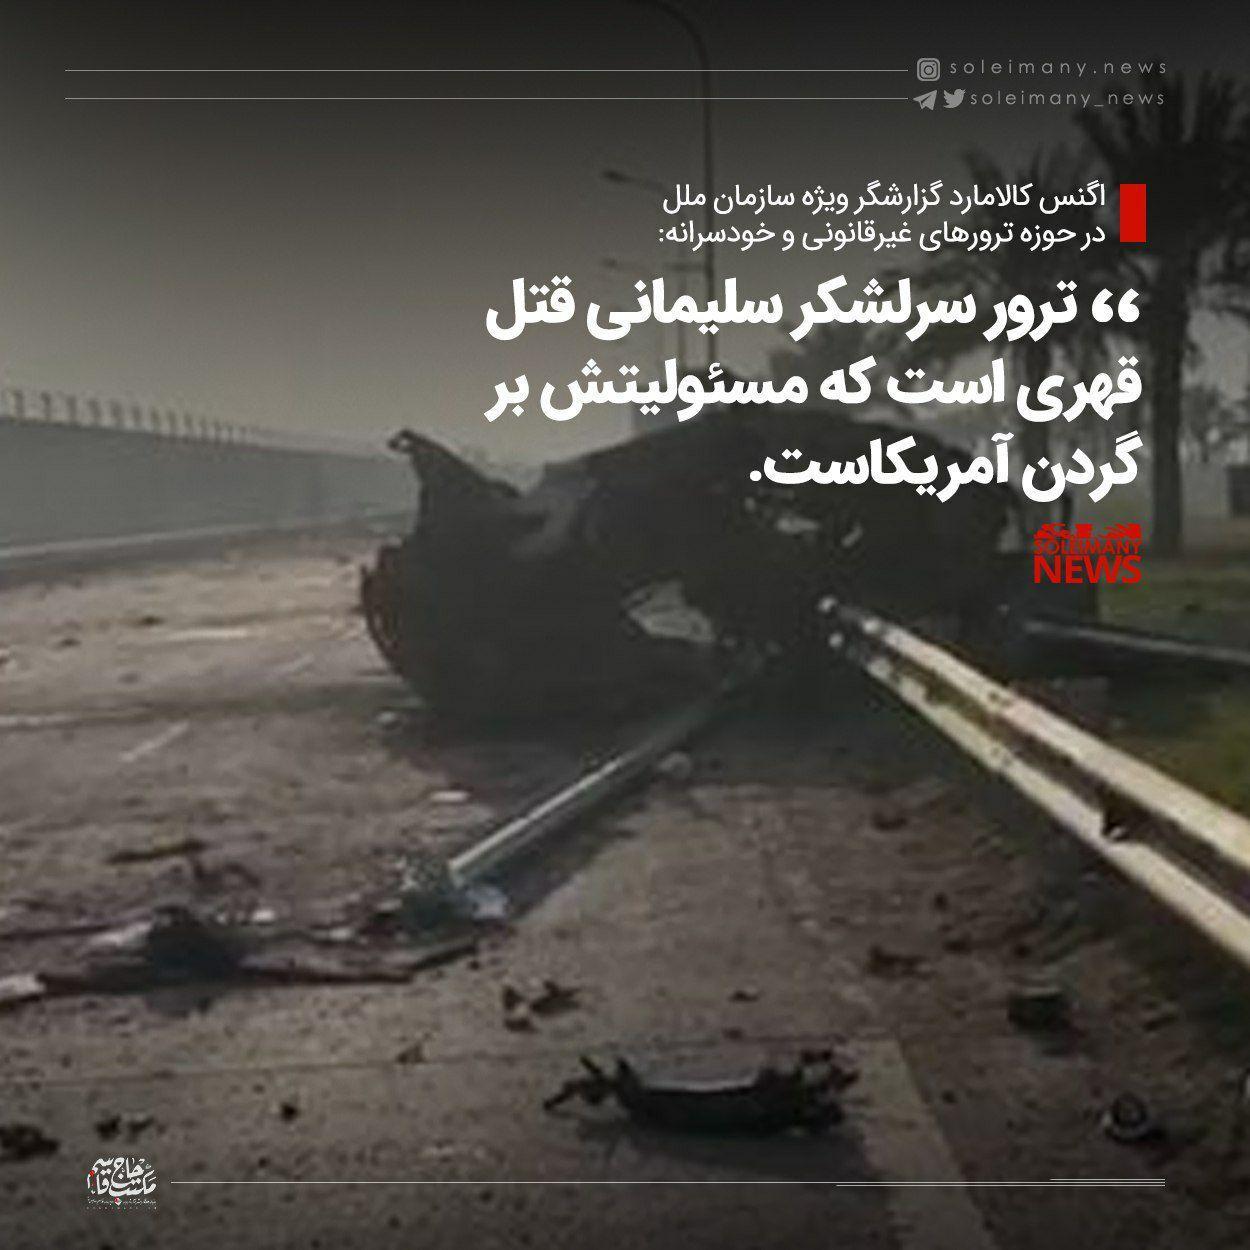 ۴ نکته مهم گزارشگر ویژه سازمان ملل درباره ترور سردار سلیمانی